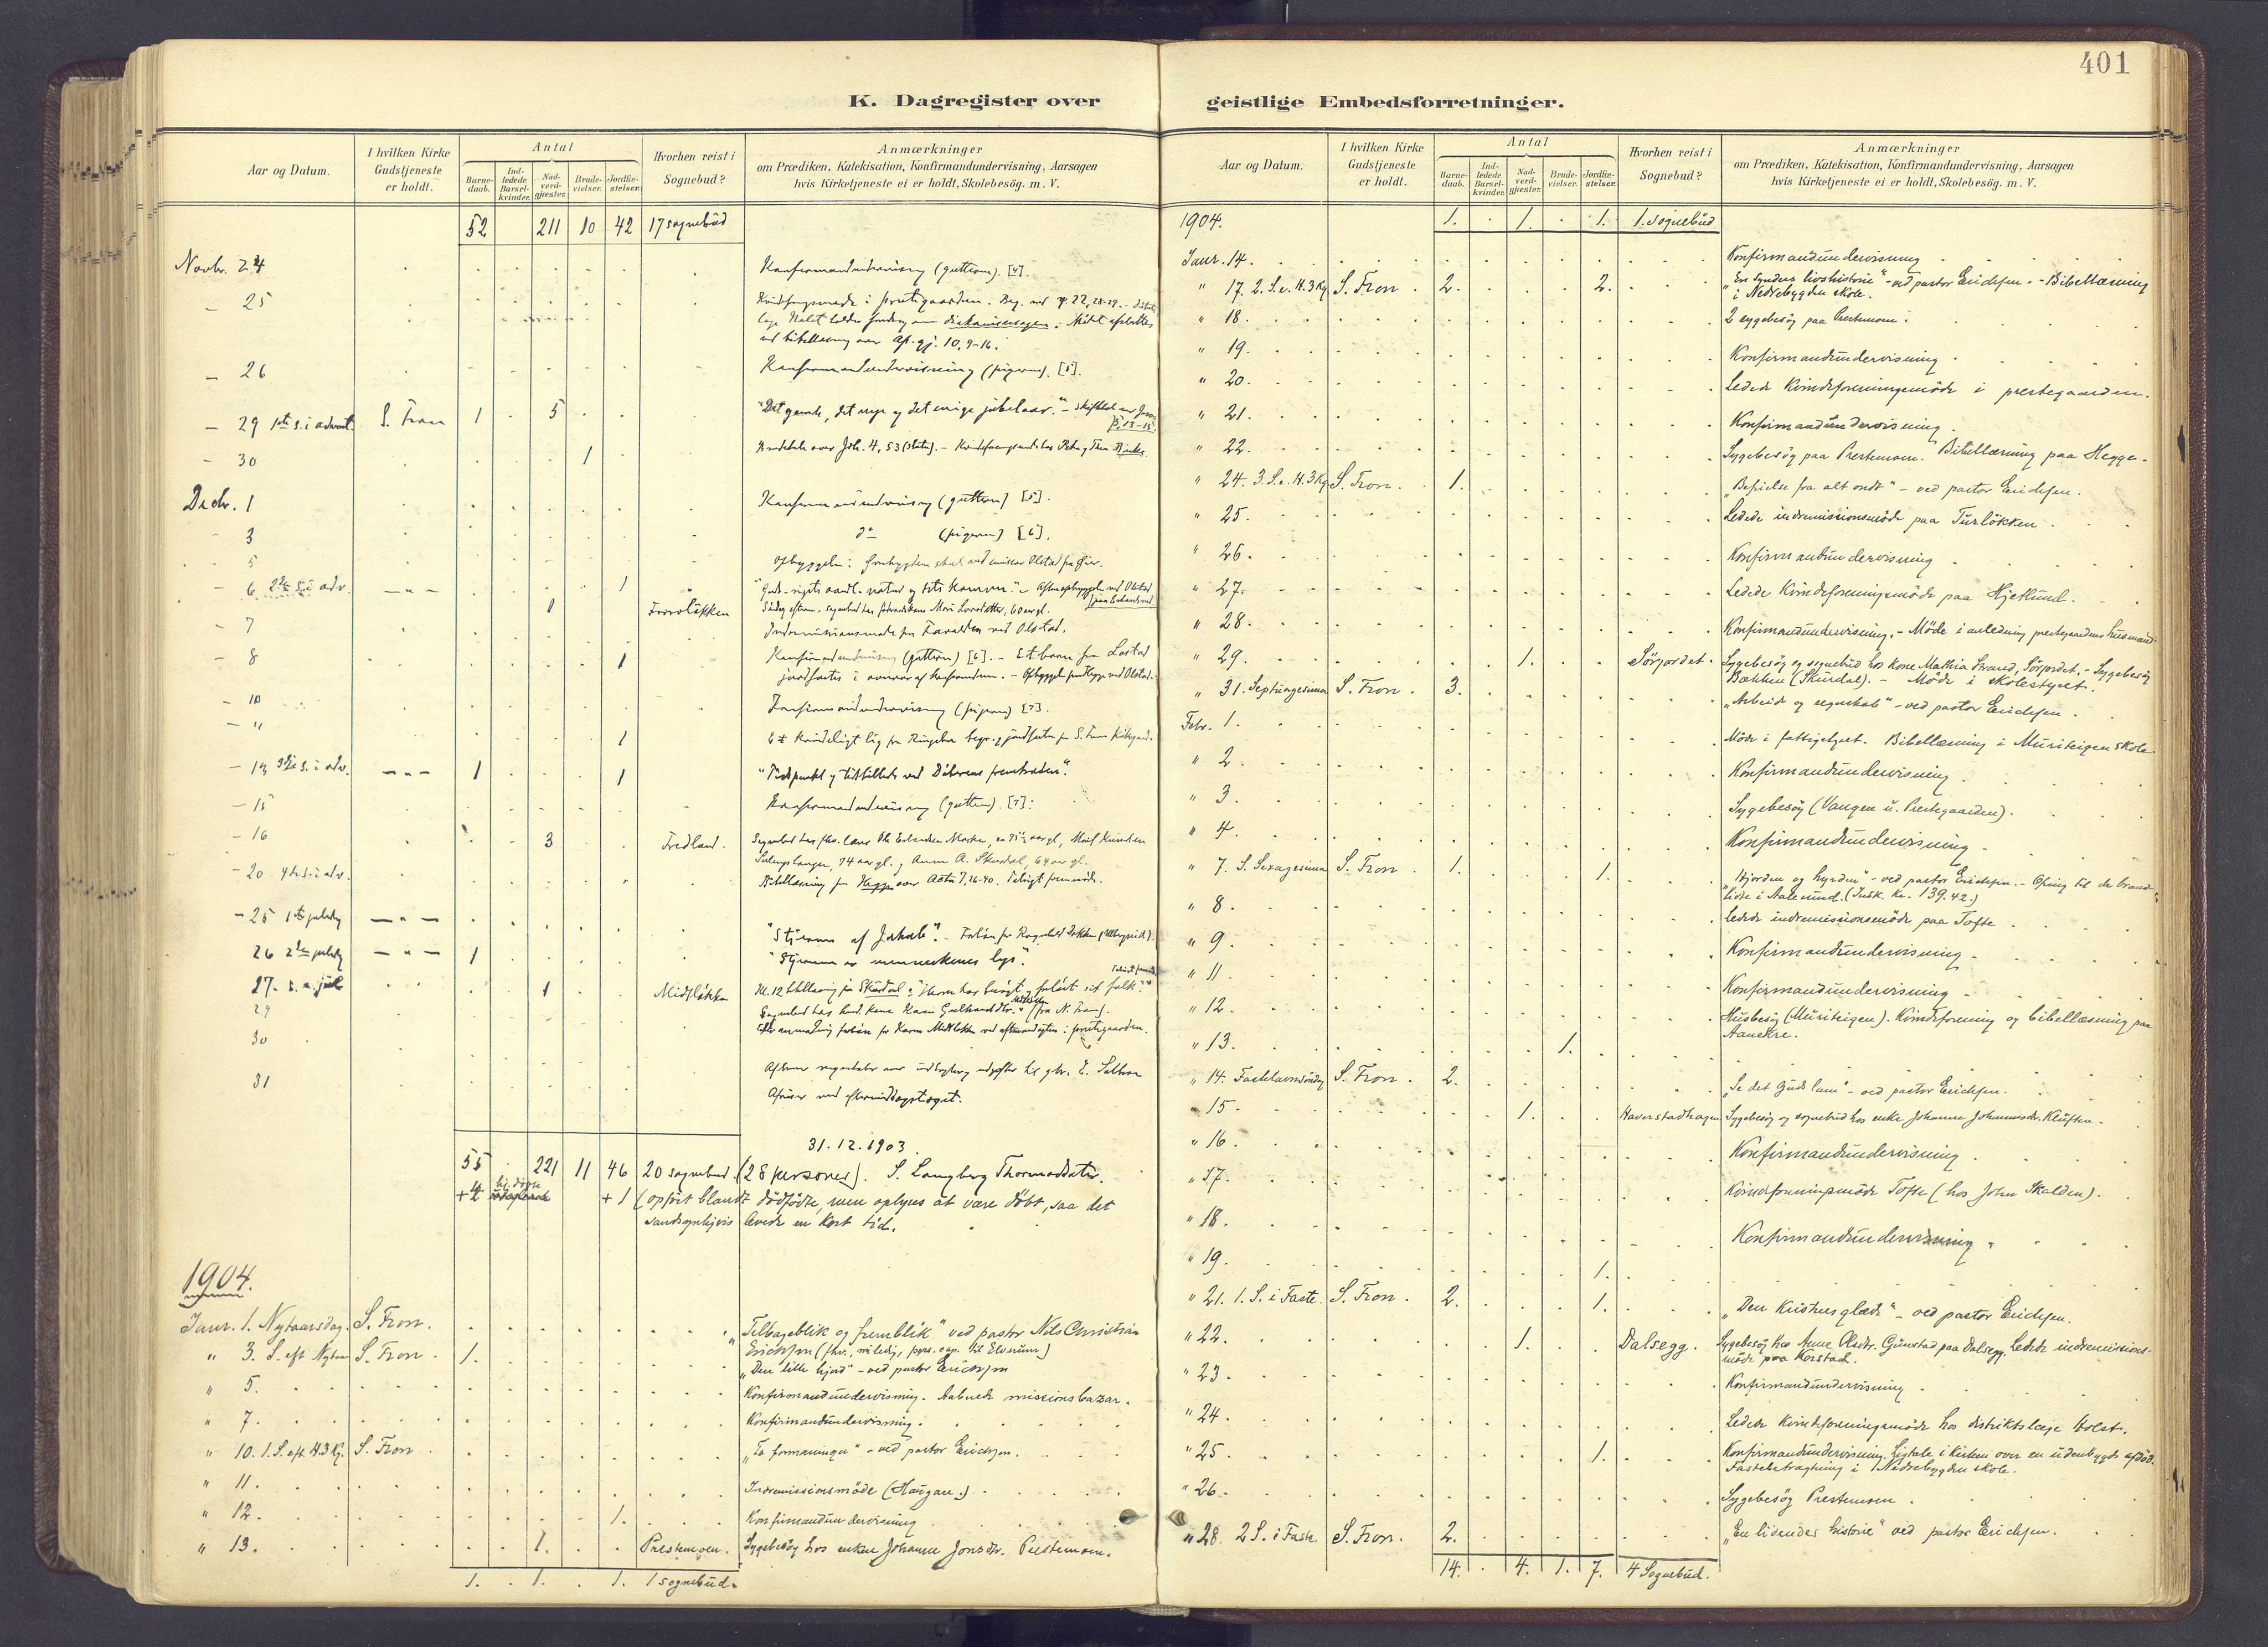 SAH, Sør-Fron prestekontor, H/Ha/Haa/L0004: Parish register (official) no. 4, 1898-1919, p. 401